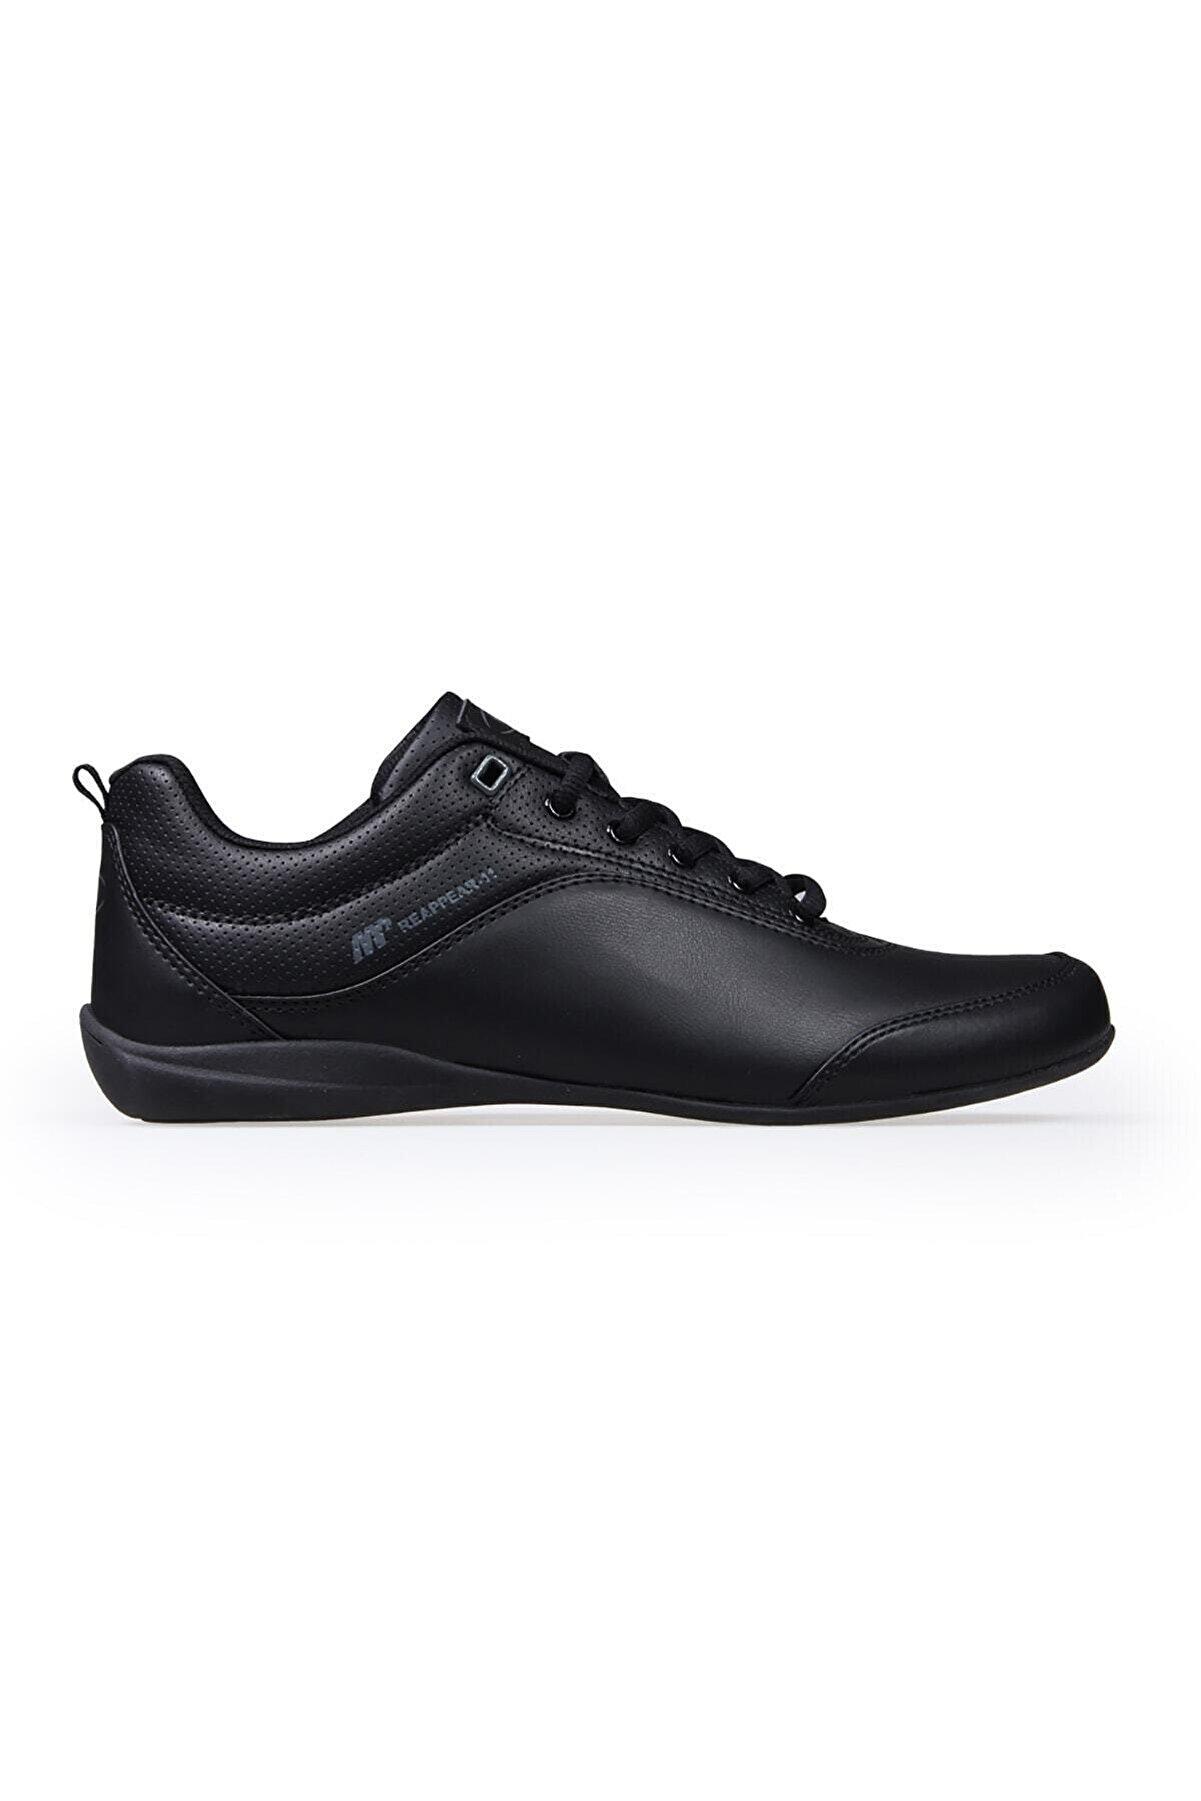 MP Erkek Siyah Ince Tabanlı  Spor Ayakkabı